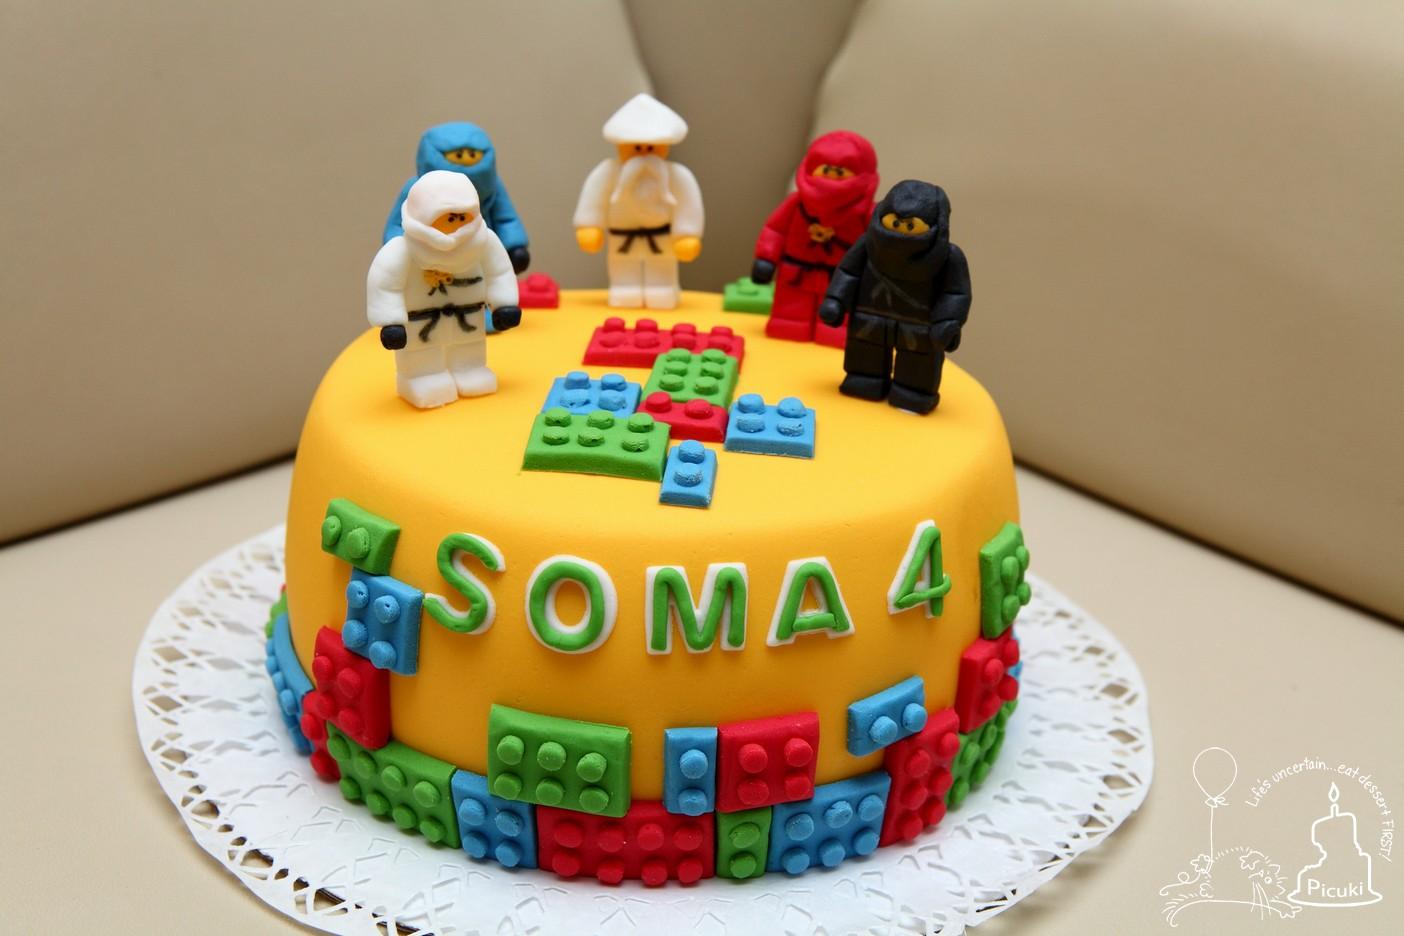 lego torta képek Picuki: Ninjago lego torta lego torta képek